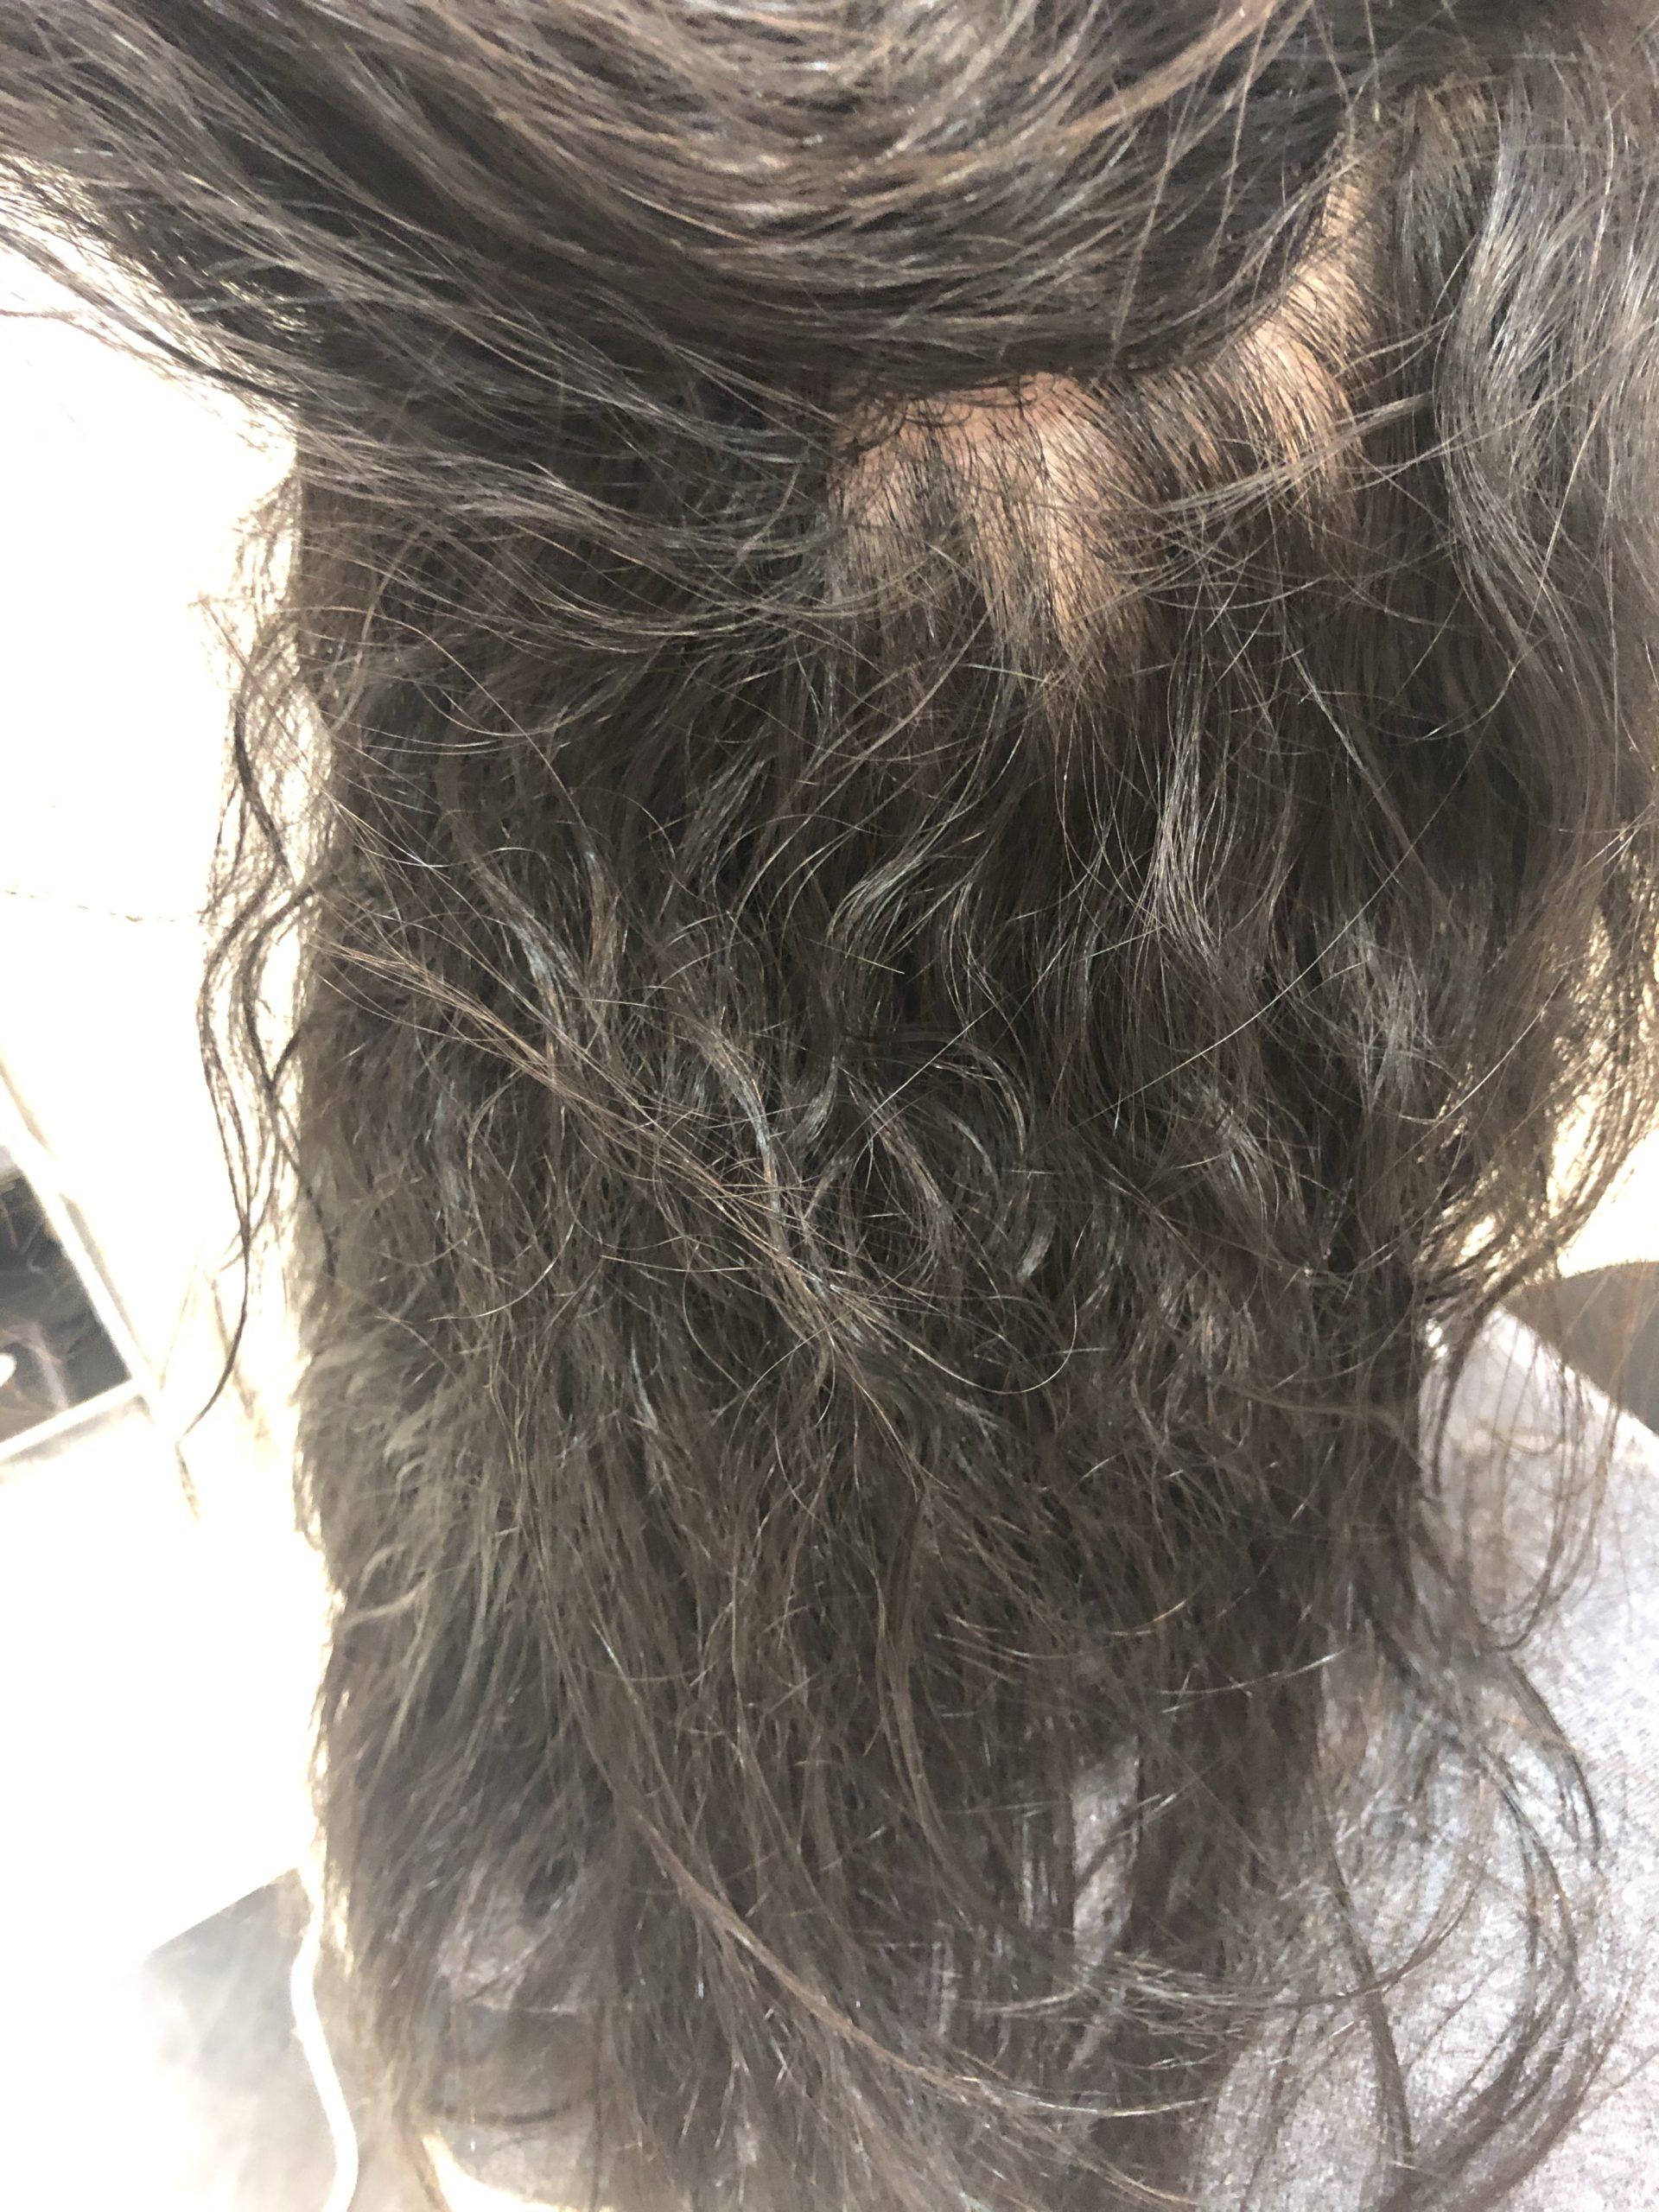 難度Eの強いクセ毛=波状毛さん